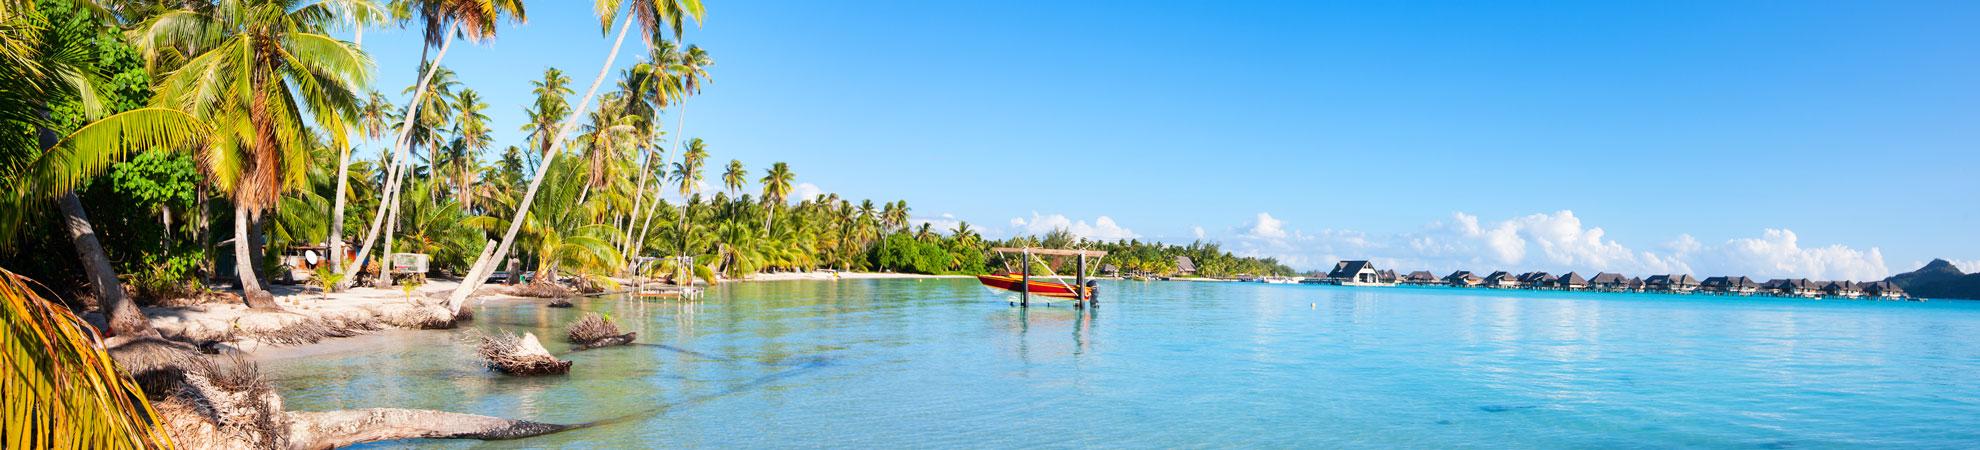 Les hôtels en Polynésie